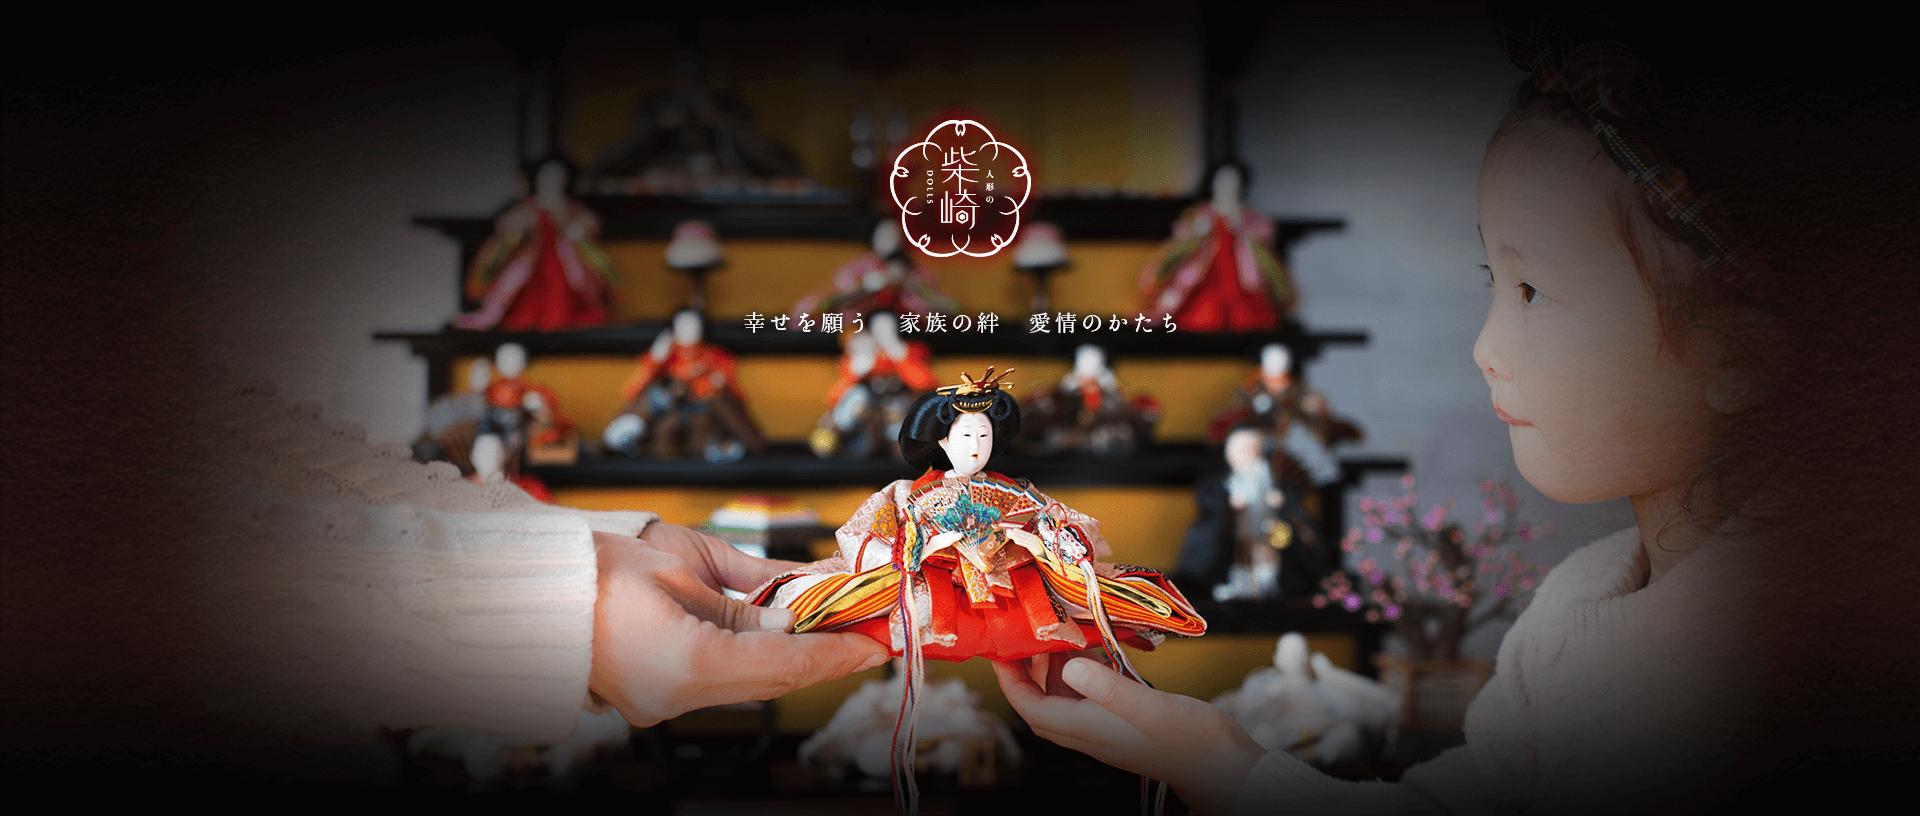 「雛人形」の販売や修理は山形県天童市にある【人形の柴崎】